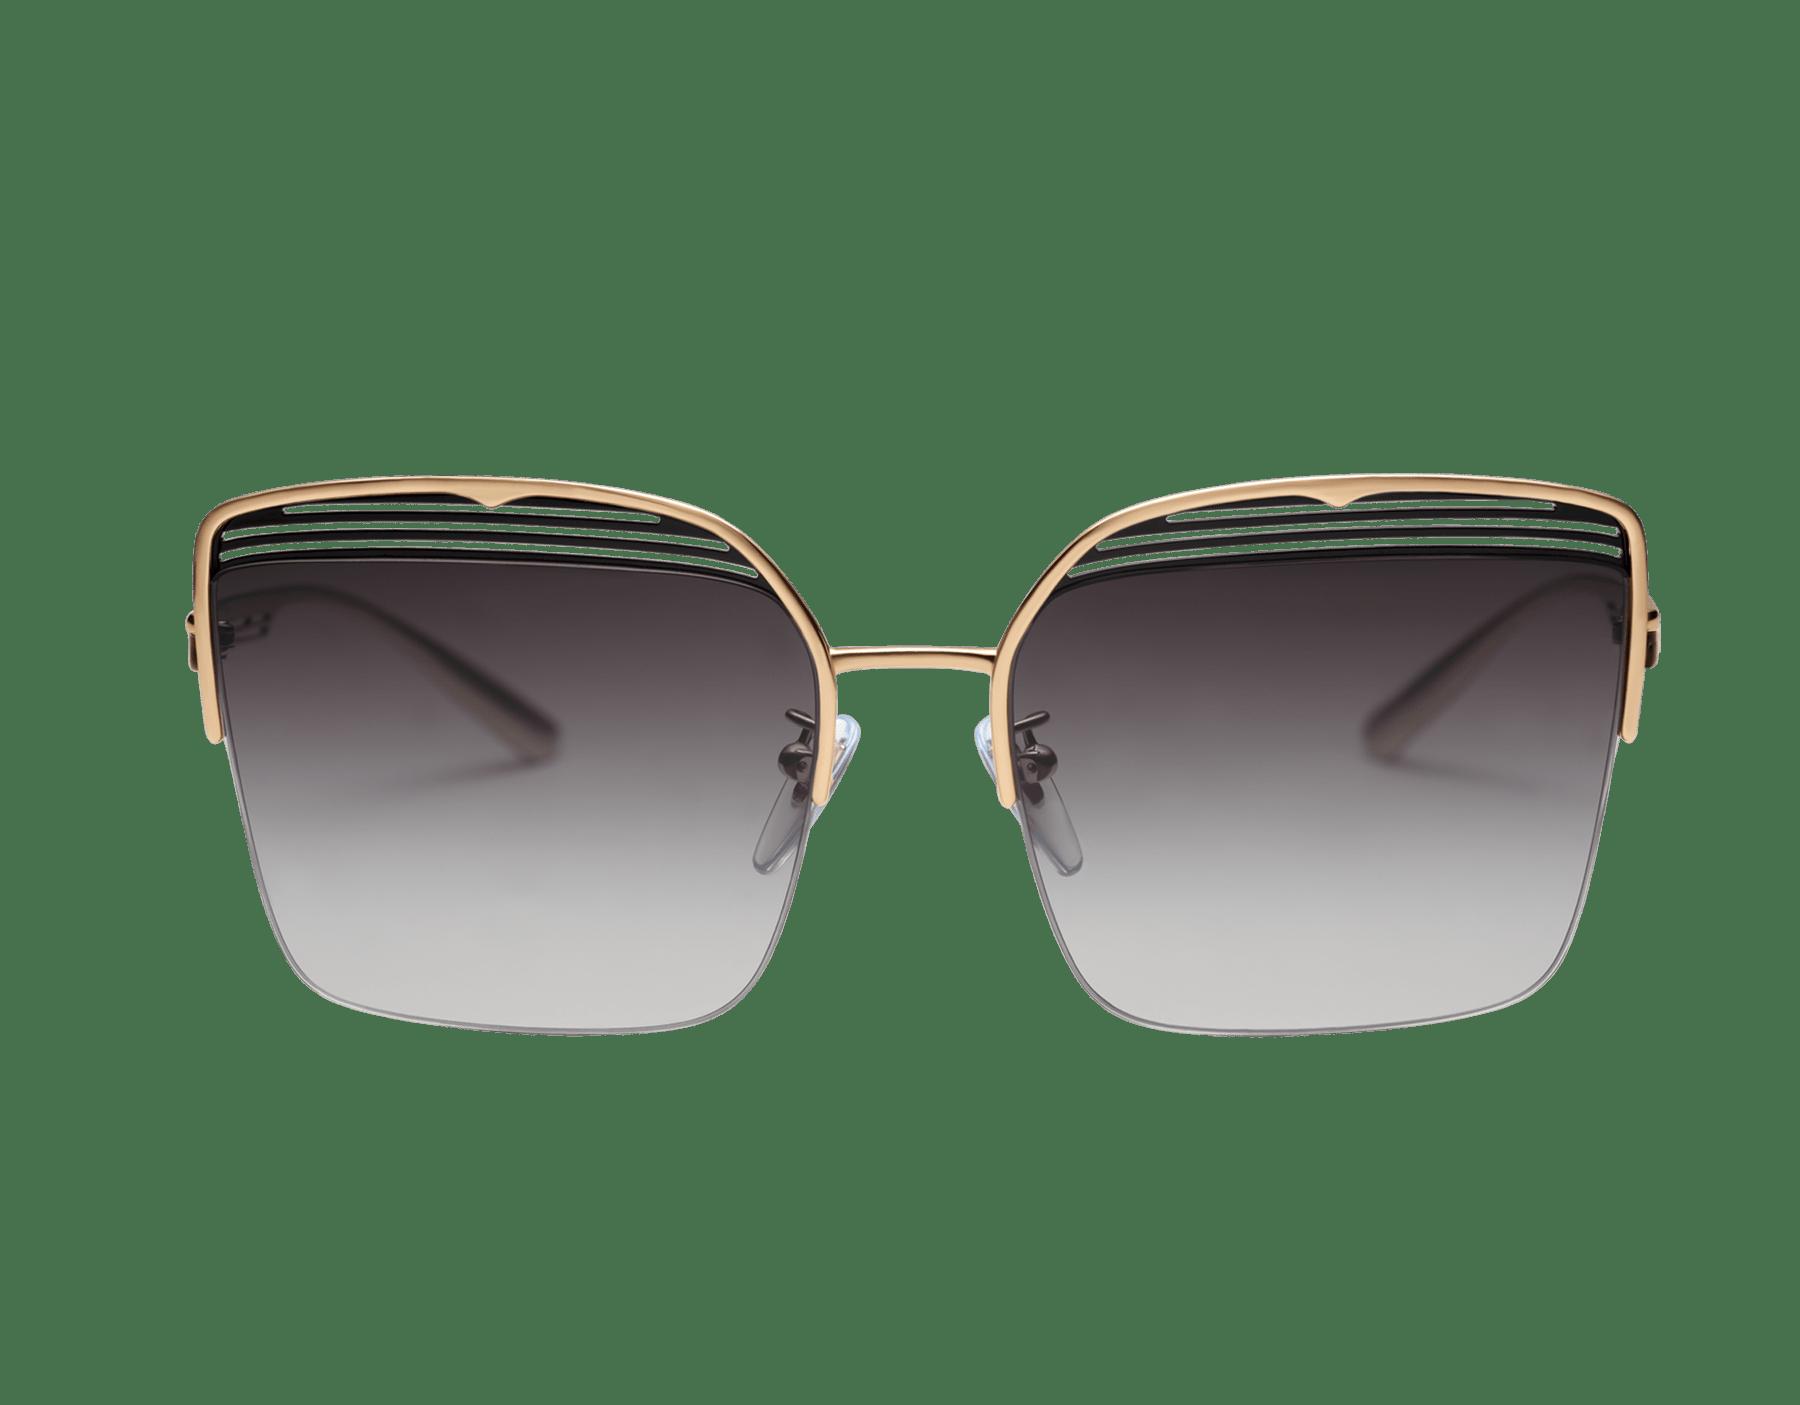 Gafas de sol Bvlgari B.zero1 B.overvibe cuadradas con semiarmazón en metal. 903810 image 2